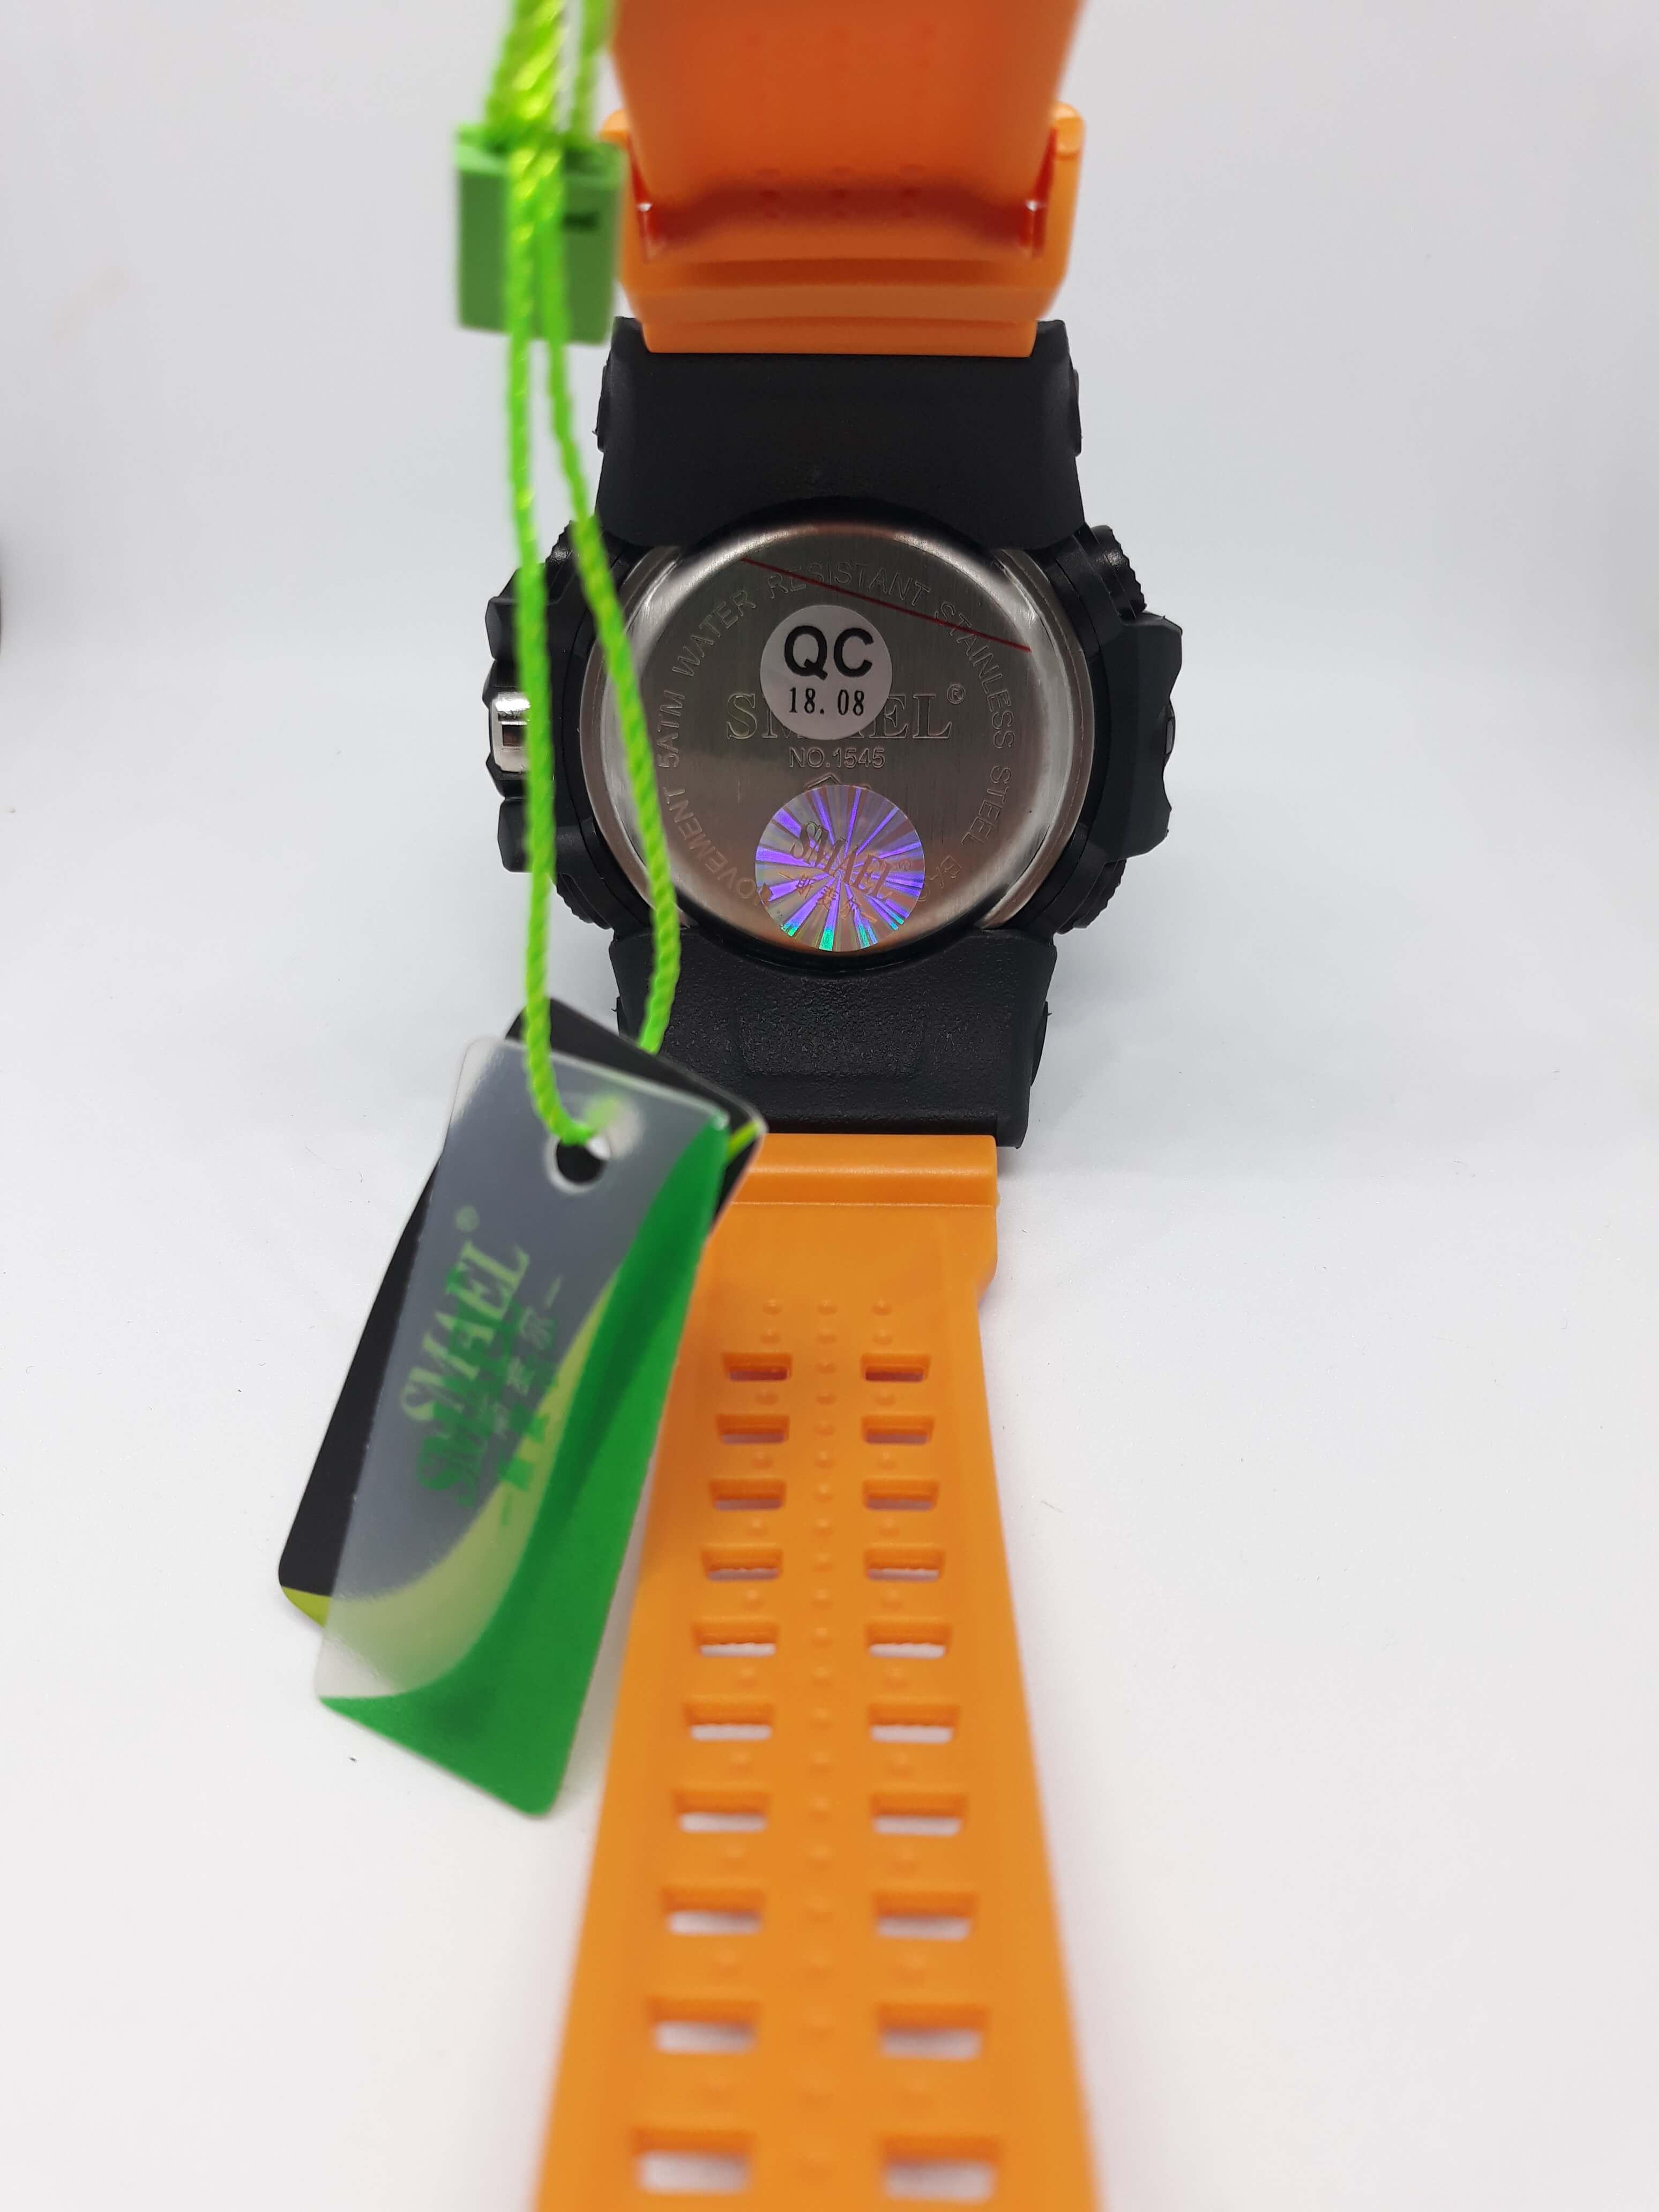 Zegarek Smael Camouflage pomarańczowy 12